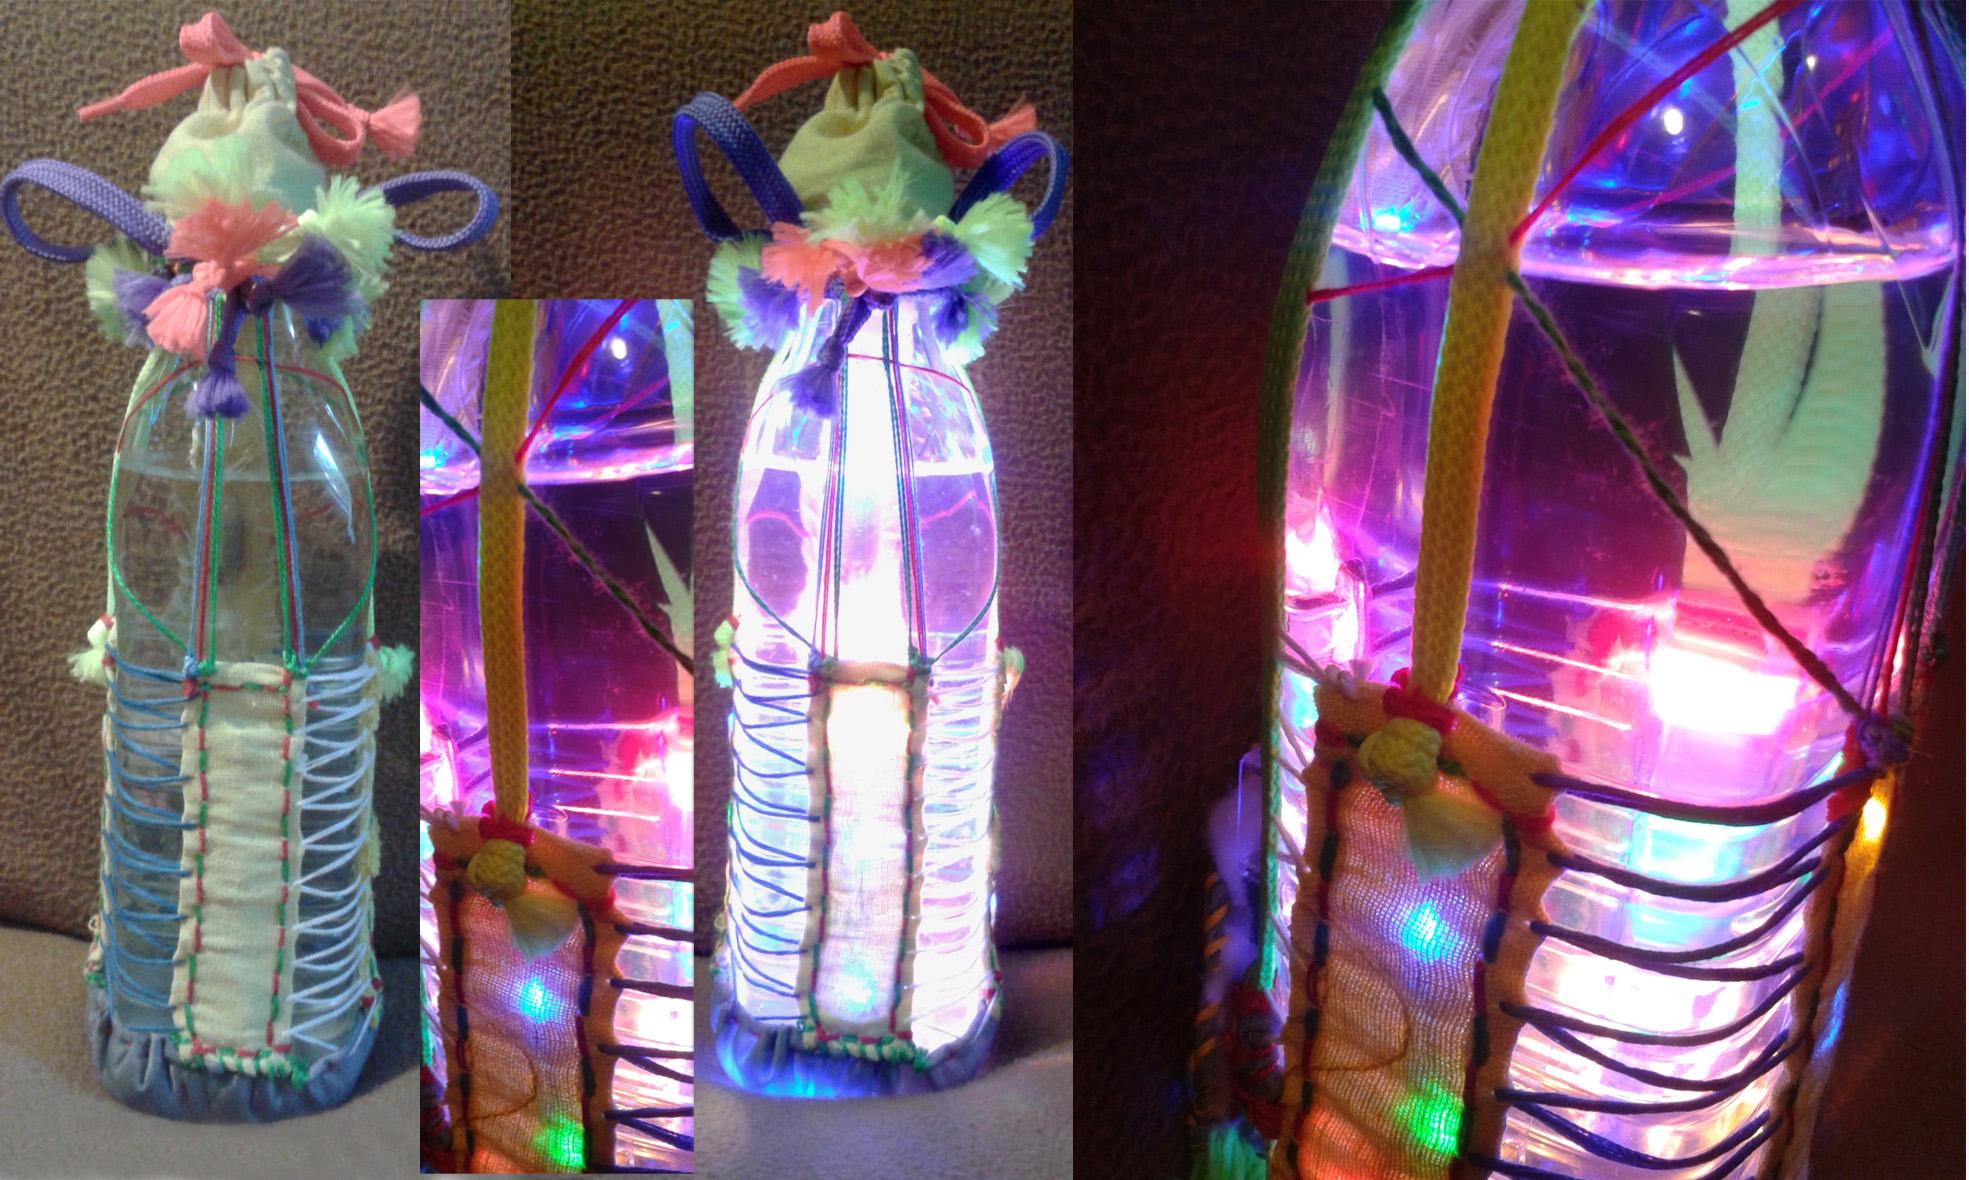 Świetlna butelka duża – zabawka świecąca, lampion duży – 48 zł